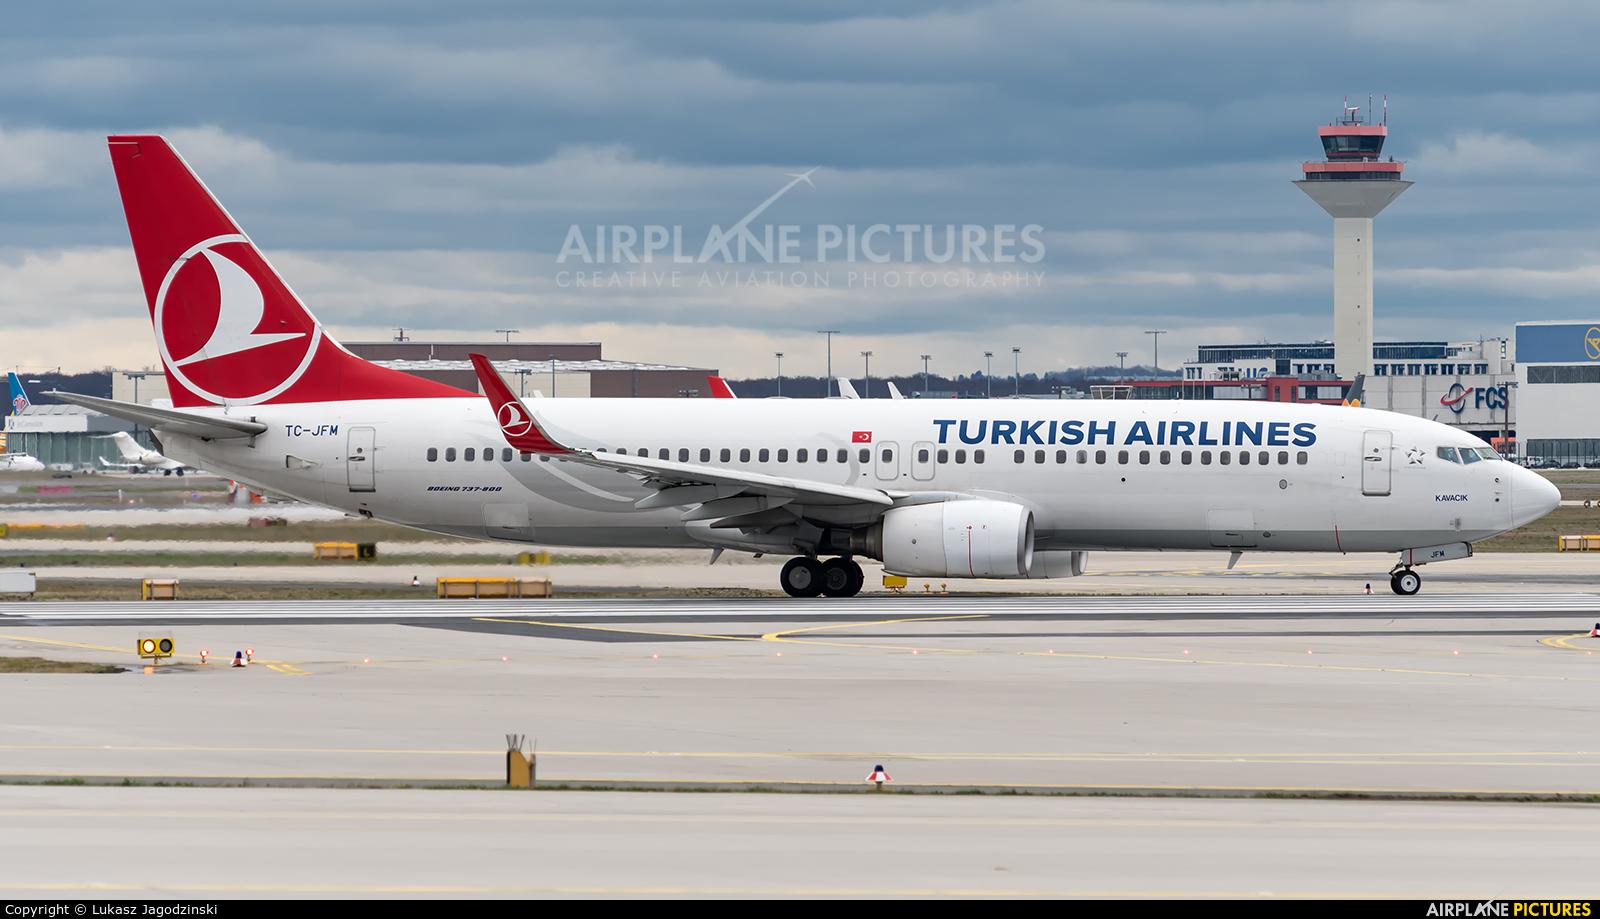 Turkish Airlines TC-JFM aircraft at Frankfurt